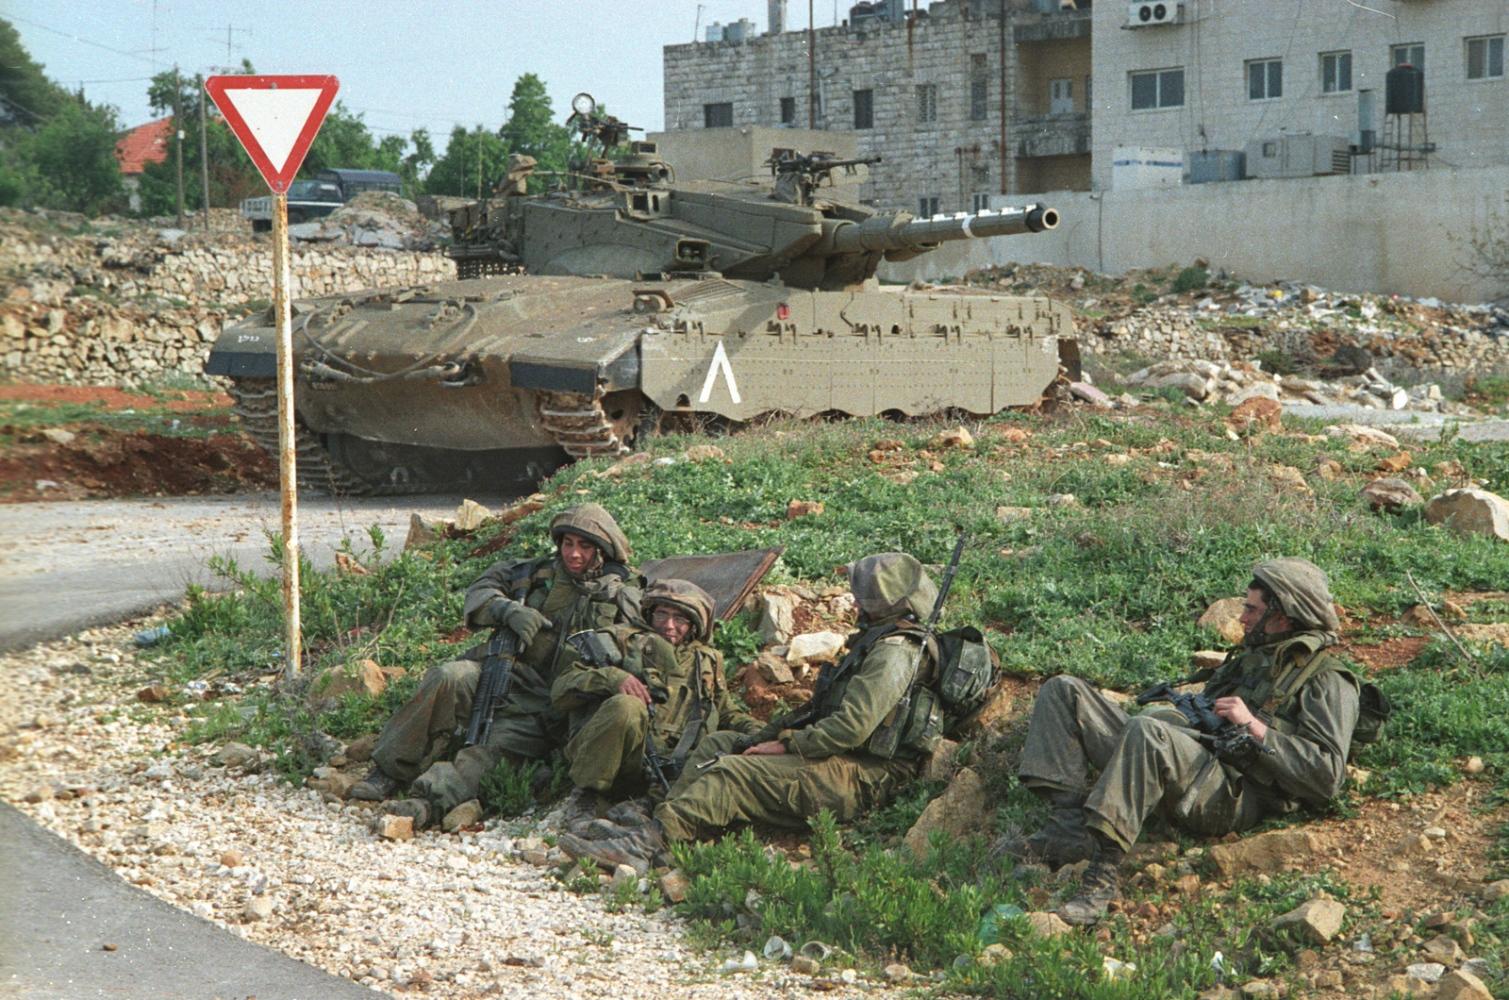 Palestine - Ramallah - Soldats israéliens - 2002. Des soldats israéliens allongés dans l'herbe à côté d'un char.